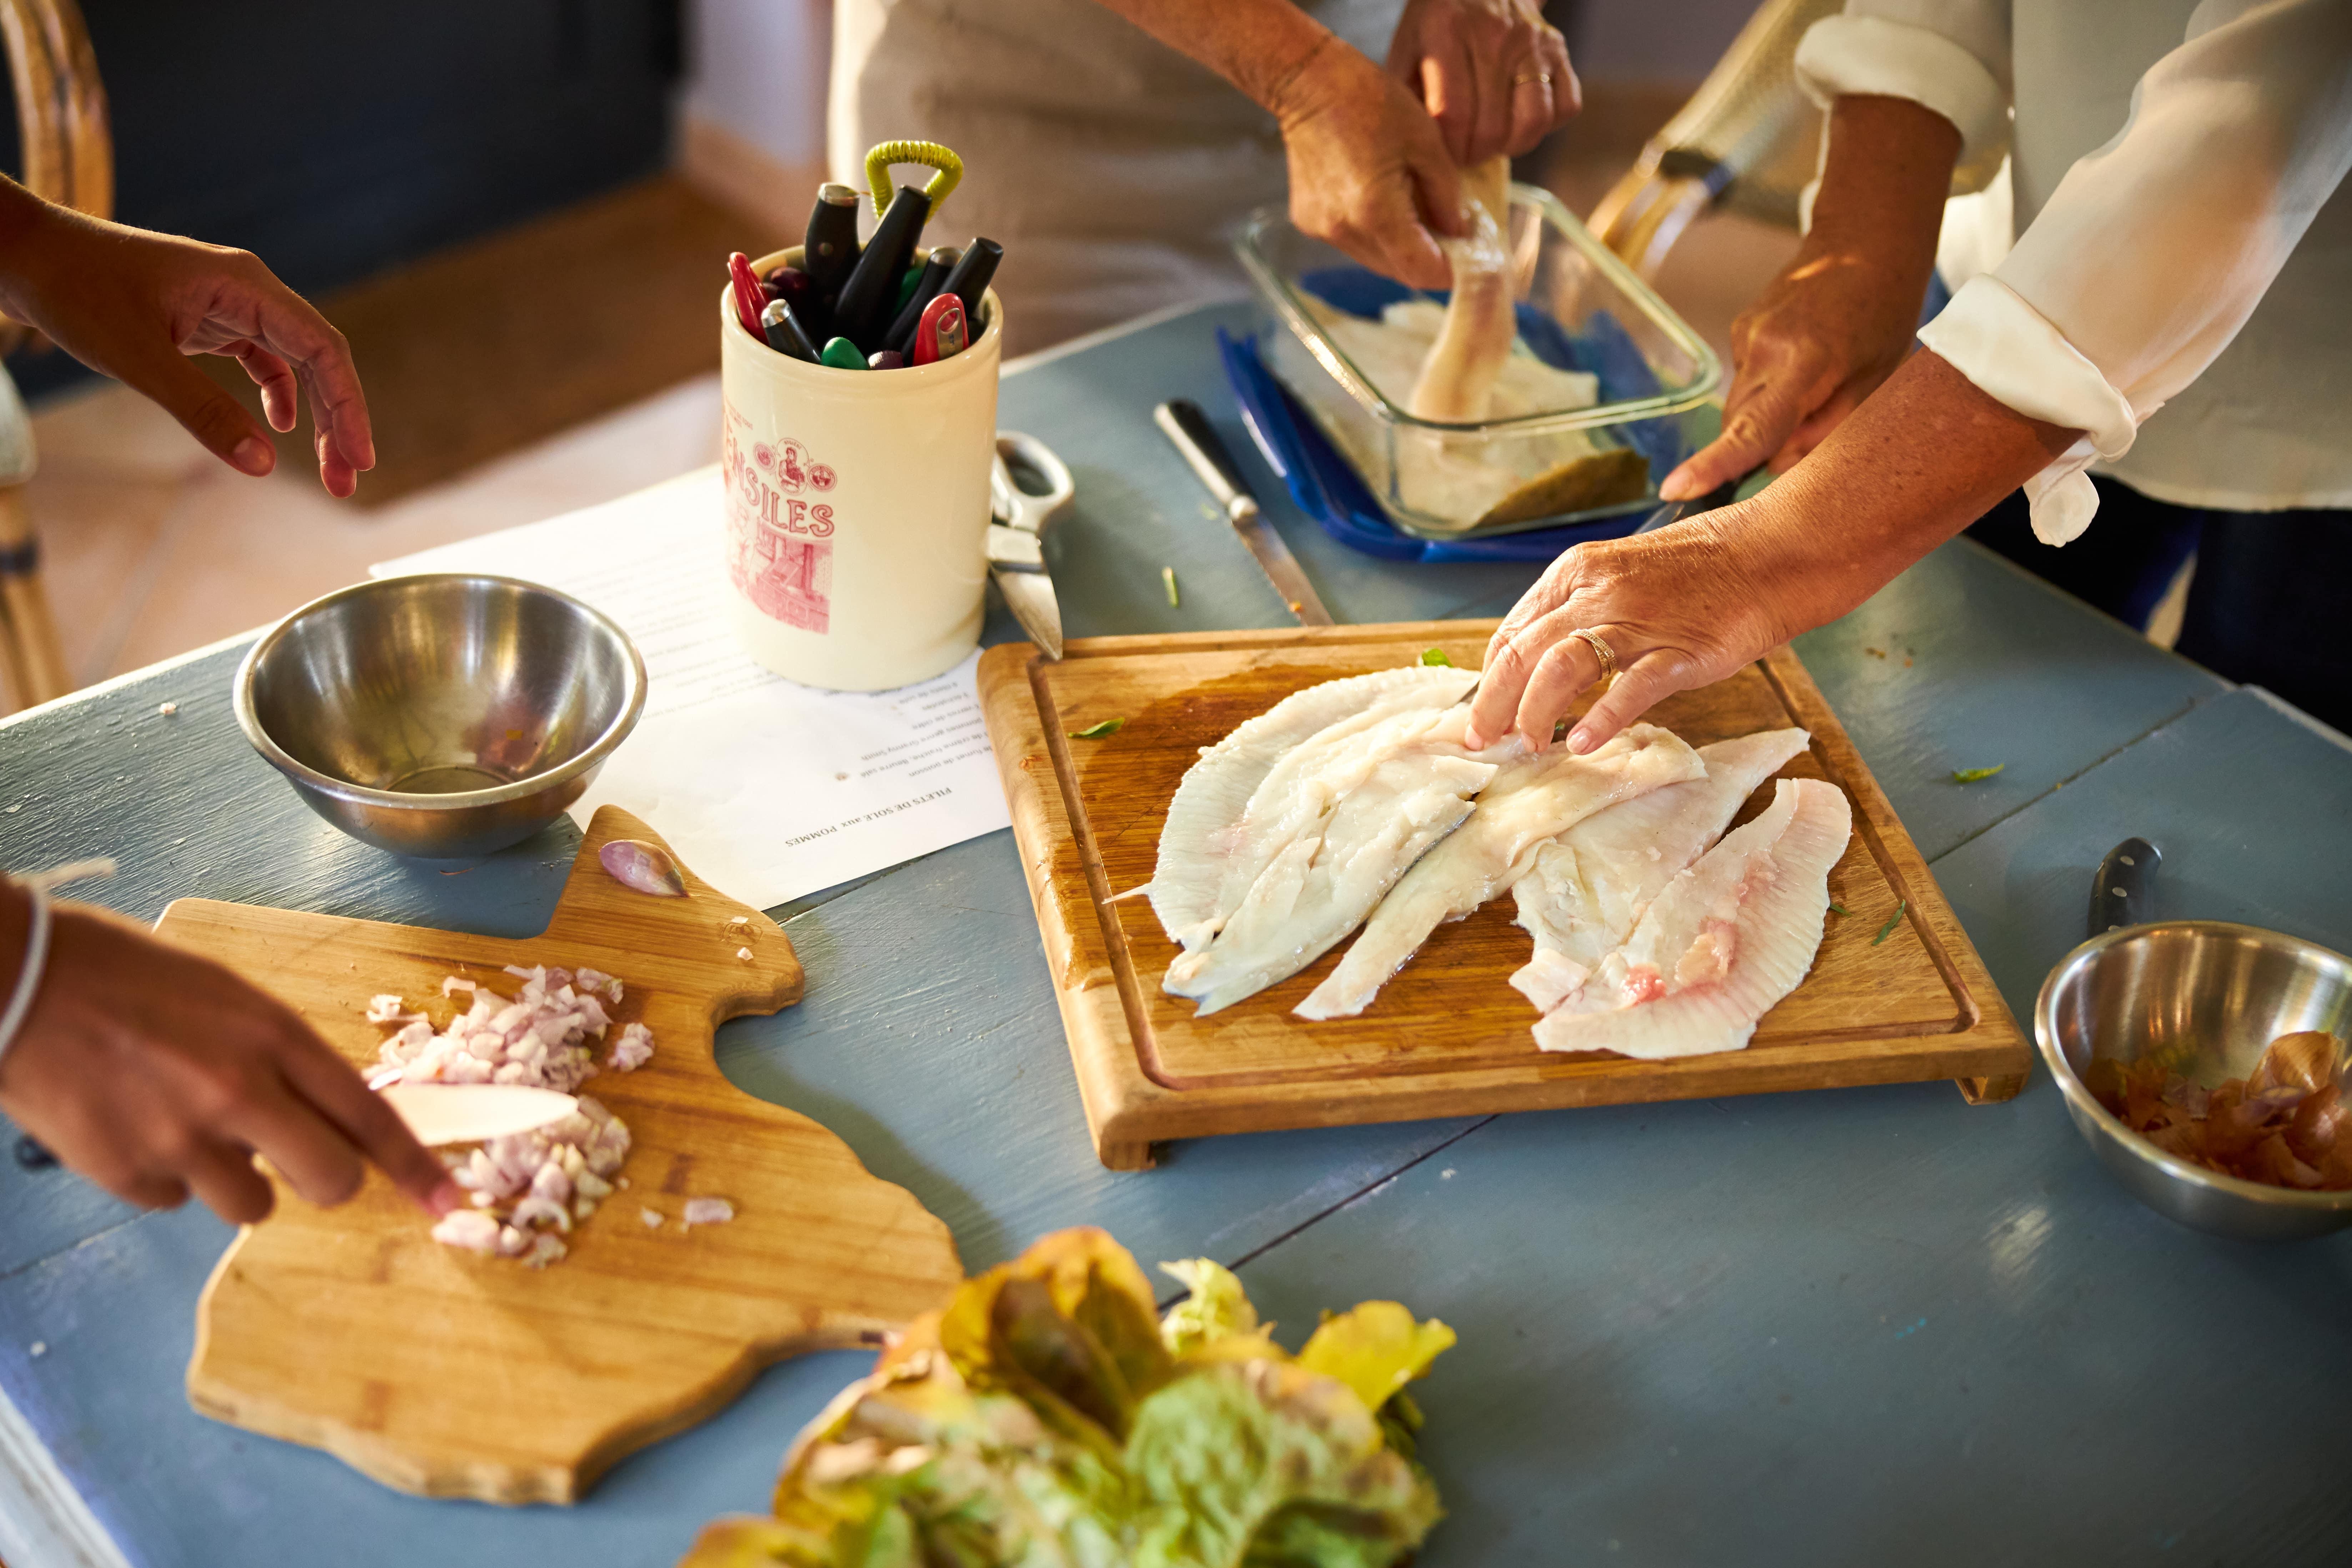 Cours de cuisine dans une longère normande